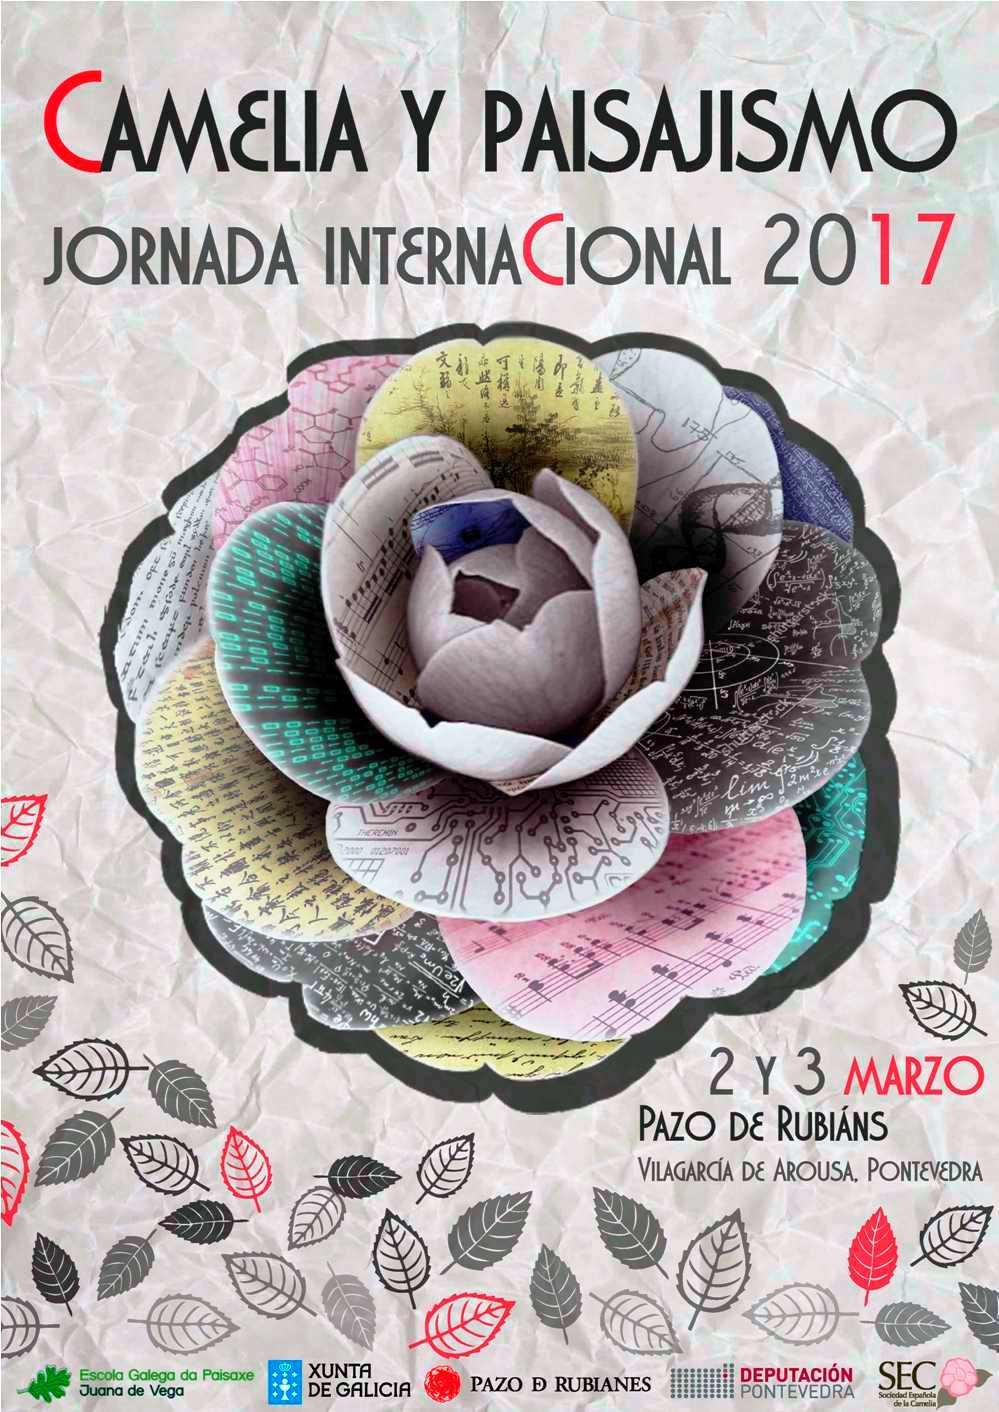 Jornada Internacional 2017 Camelia y Paisajismo